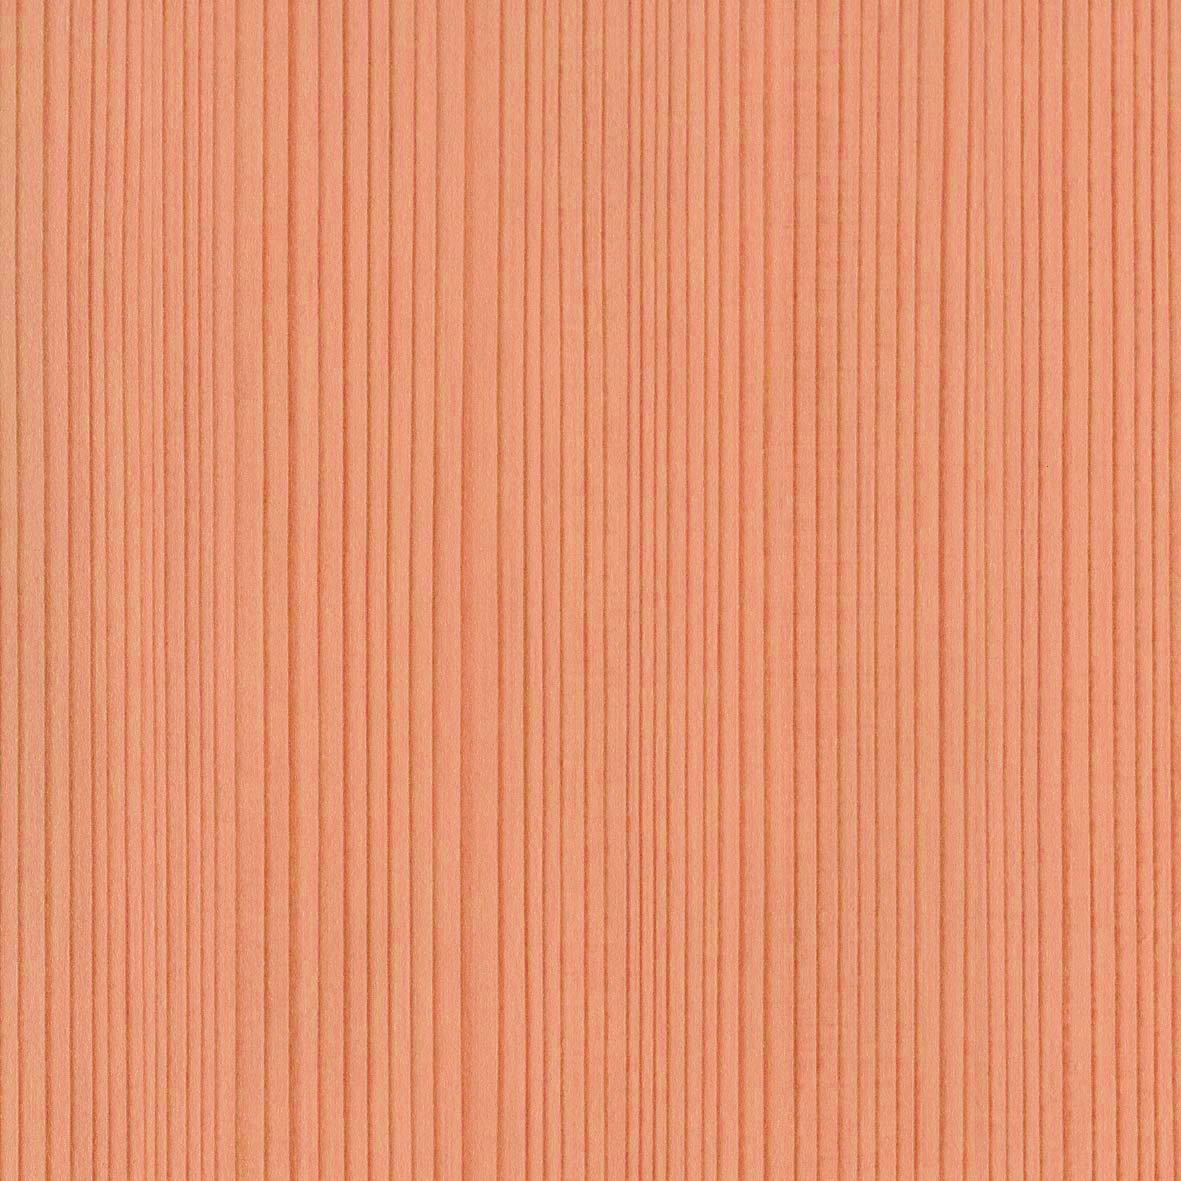 リリカラ 壁紙41m 和 木目調 ブラウン LL-8314 B01N3XVZBW 41m